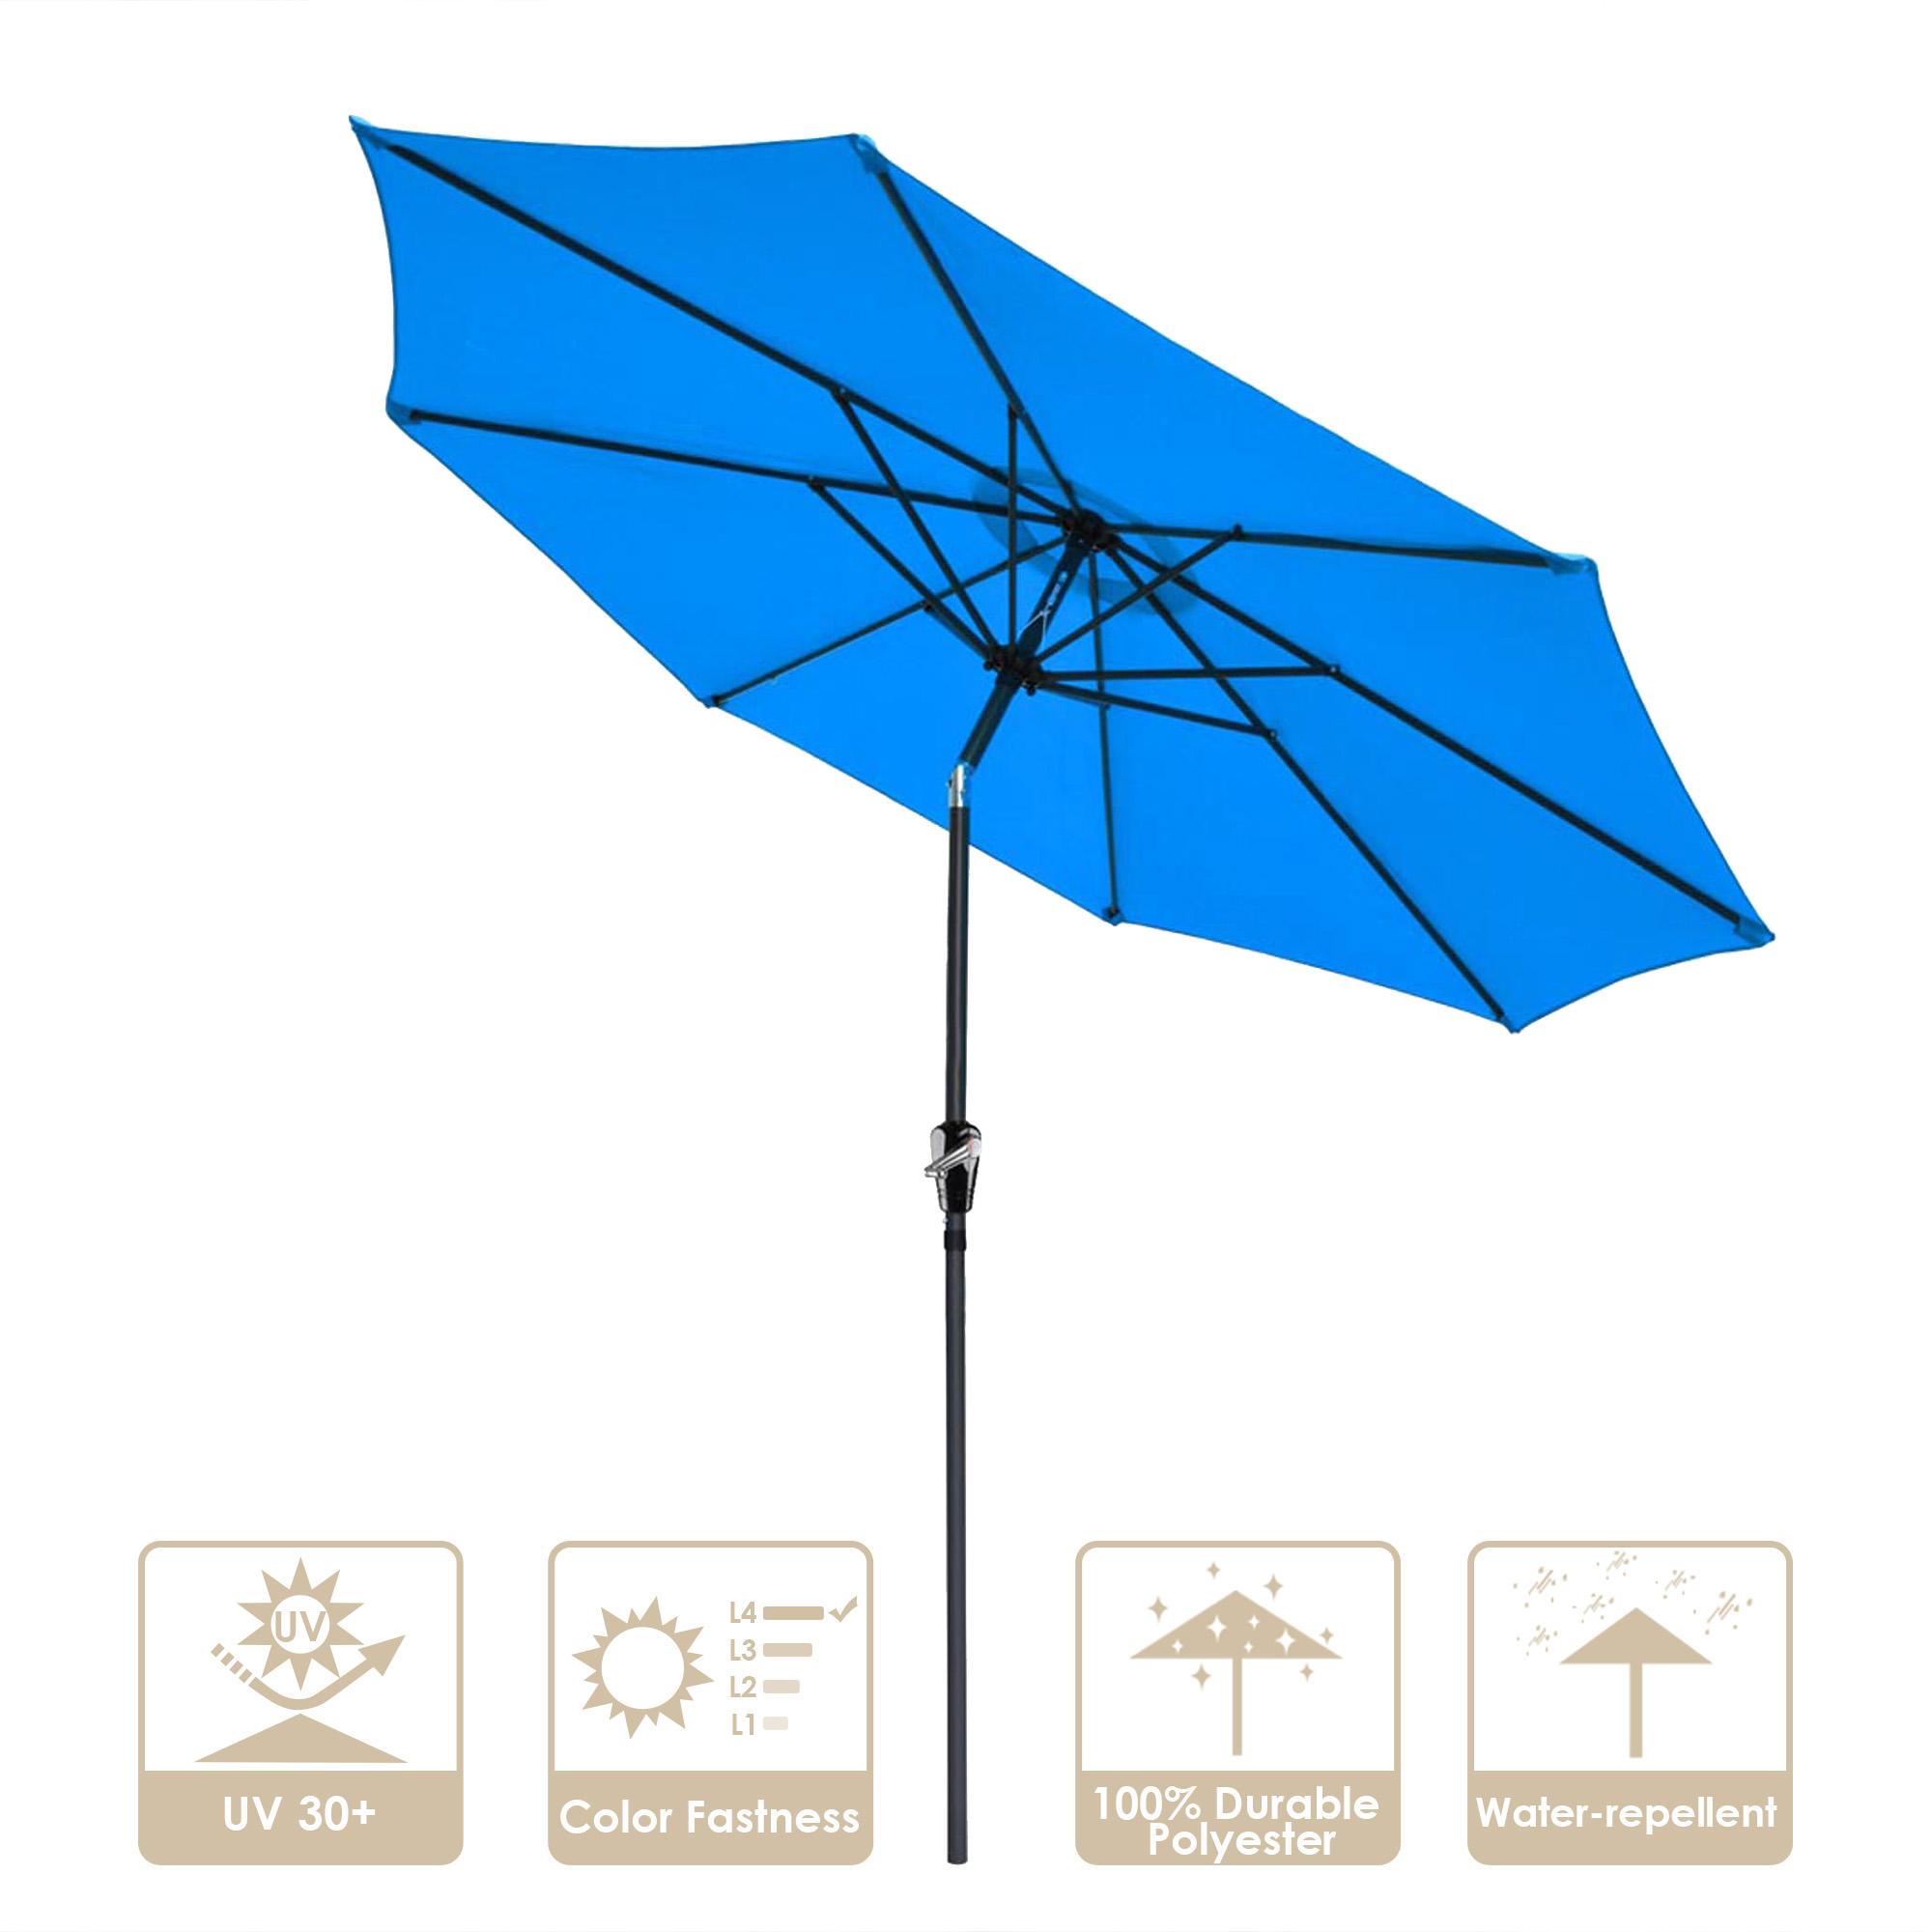 thumbnail 48 - 9' Outdoor Umbrella Patio 8 Ribs Market Garden Crank Tilt Beach Sunshade Parasol